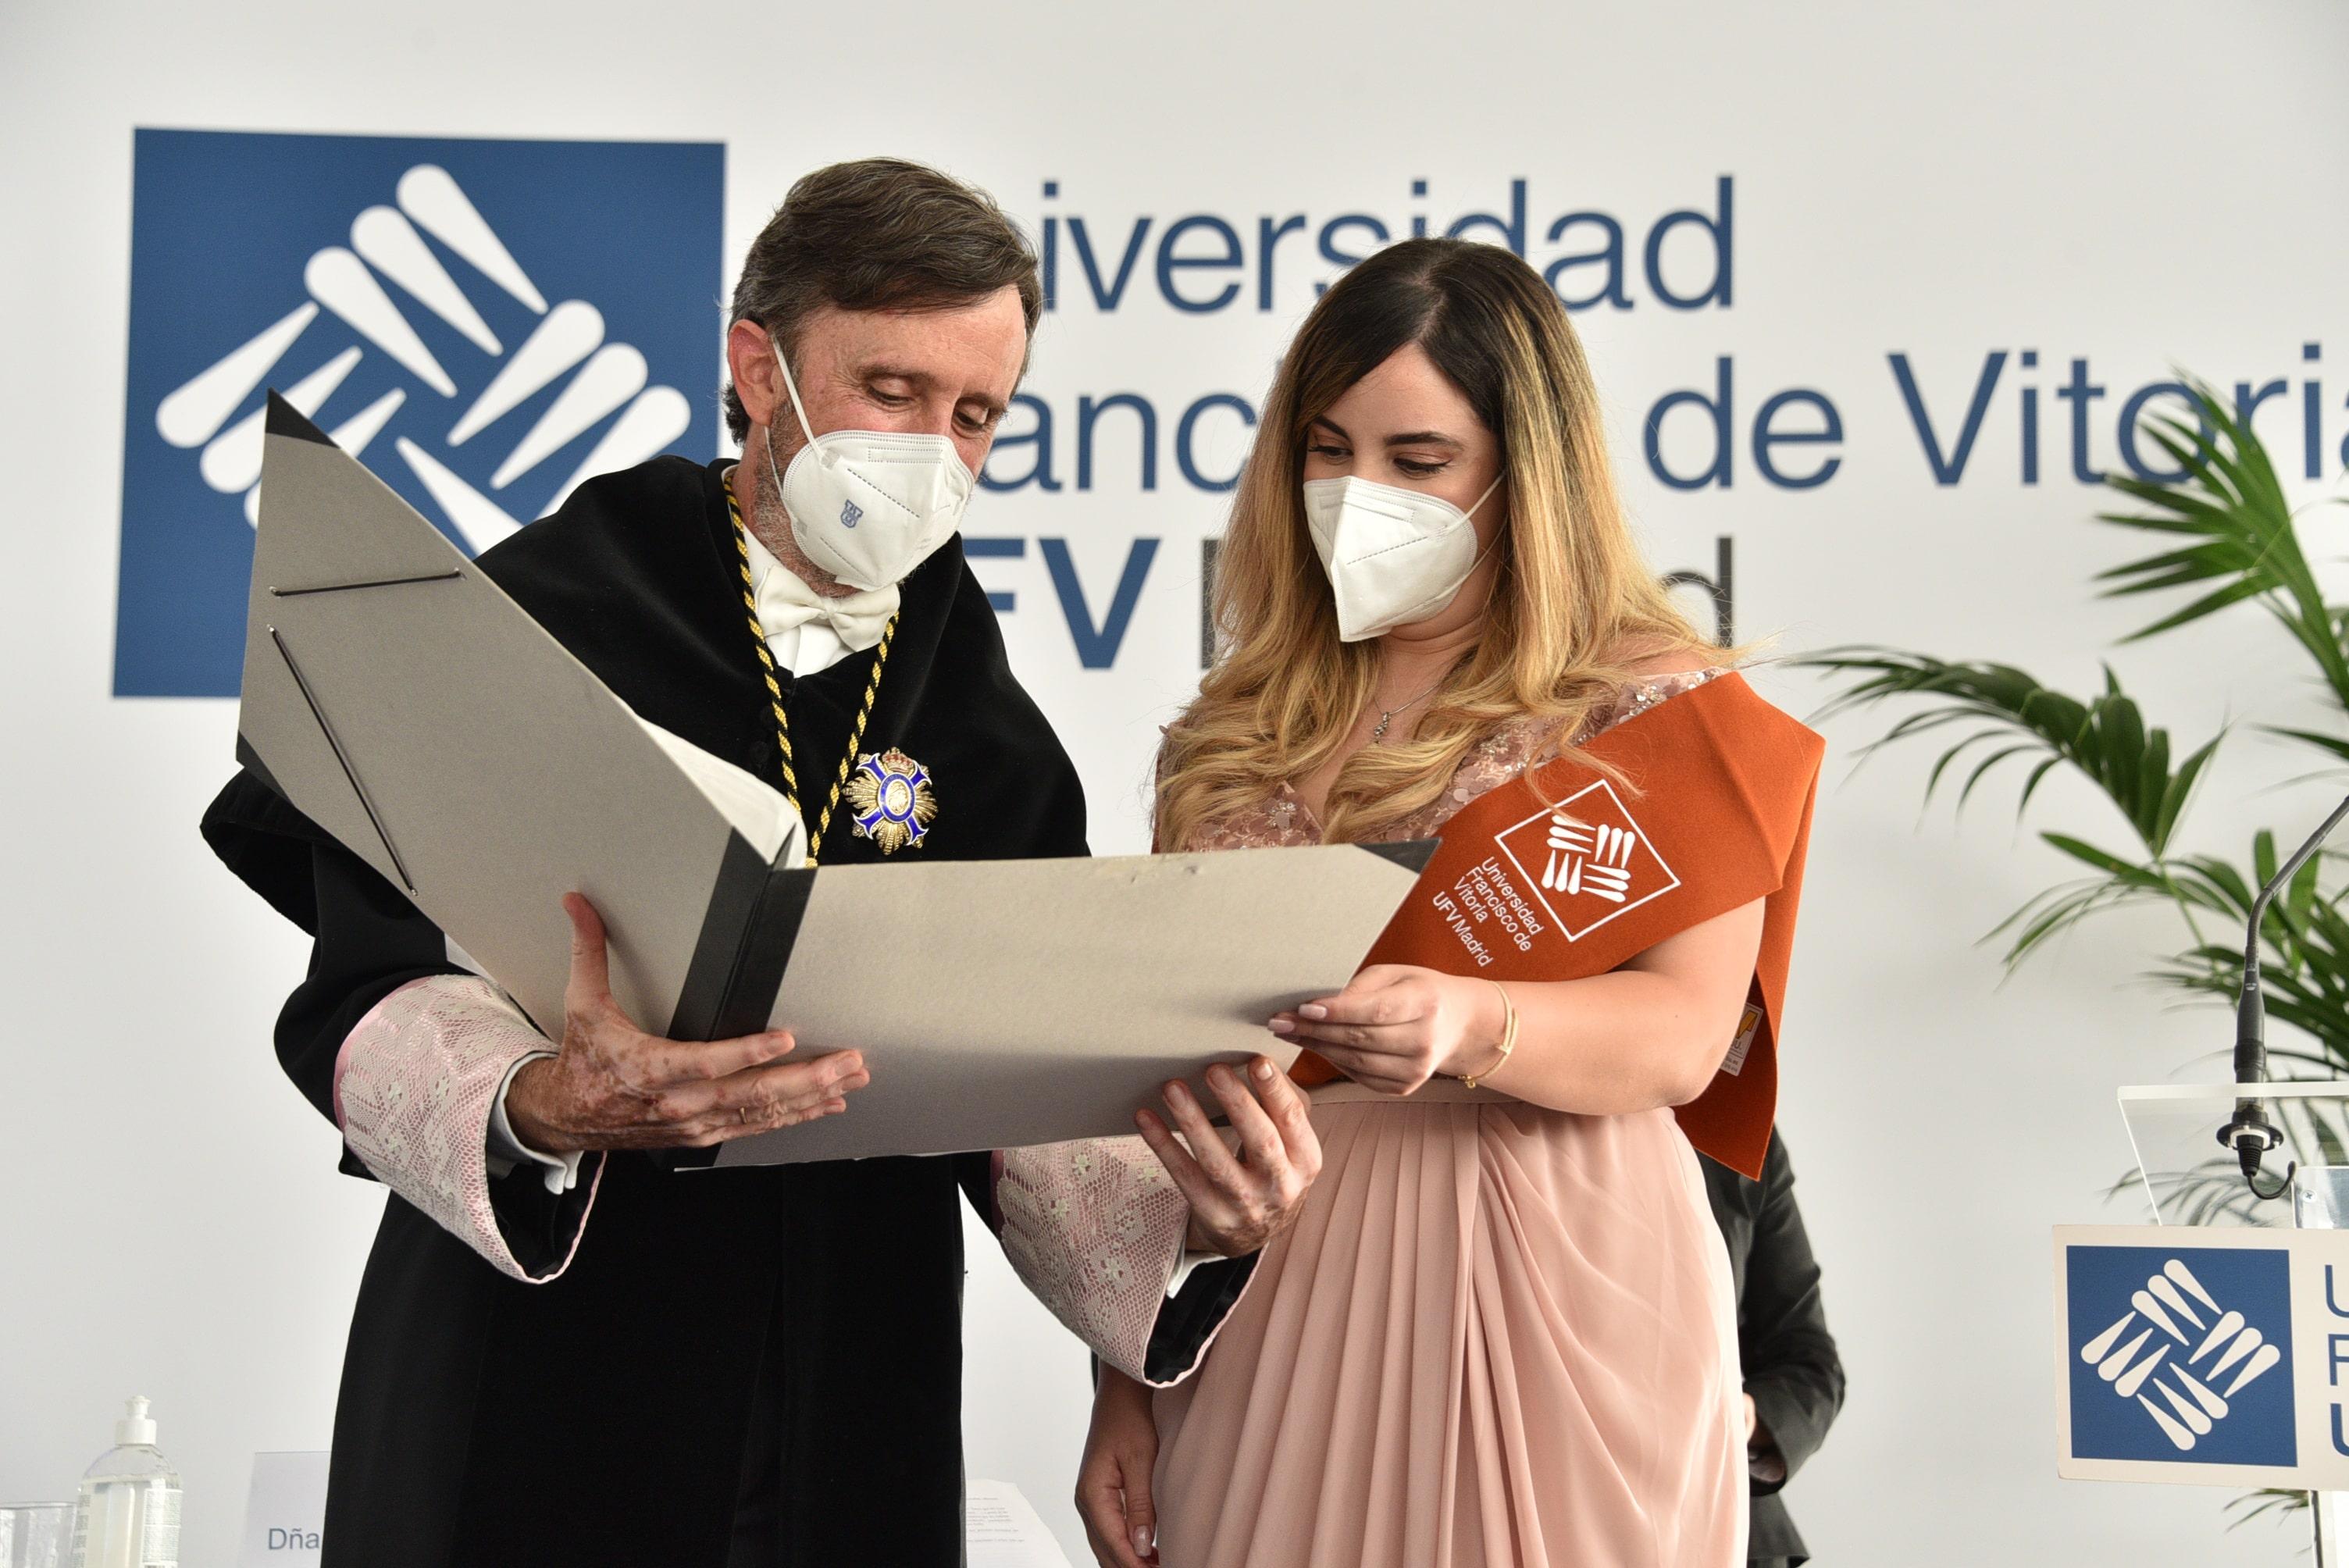 210702UFV 976 min Actos académicos Estudiar en Universidad Privada Madrid